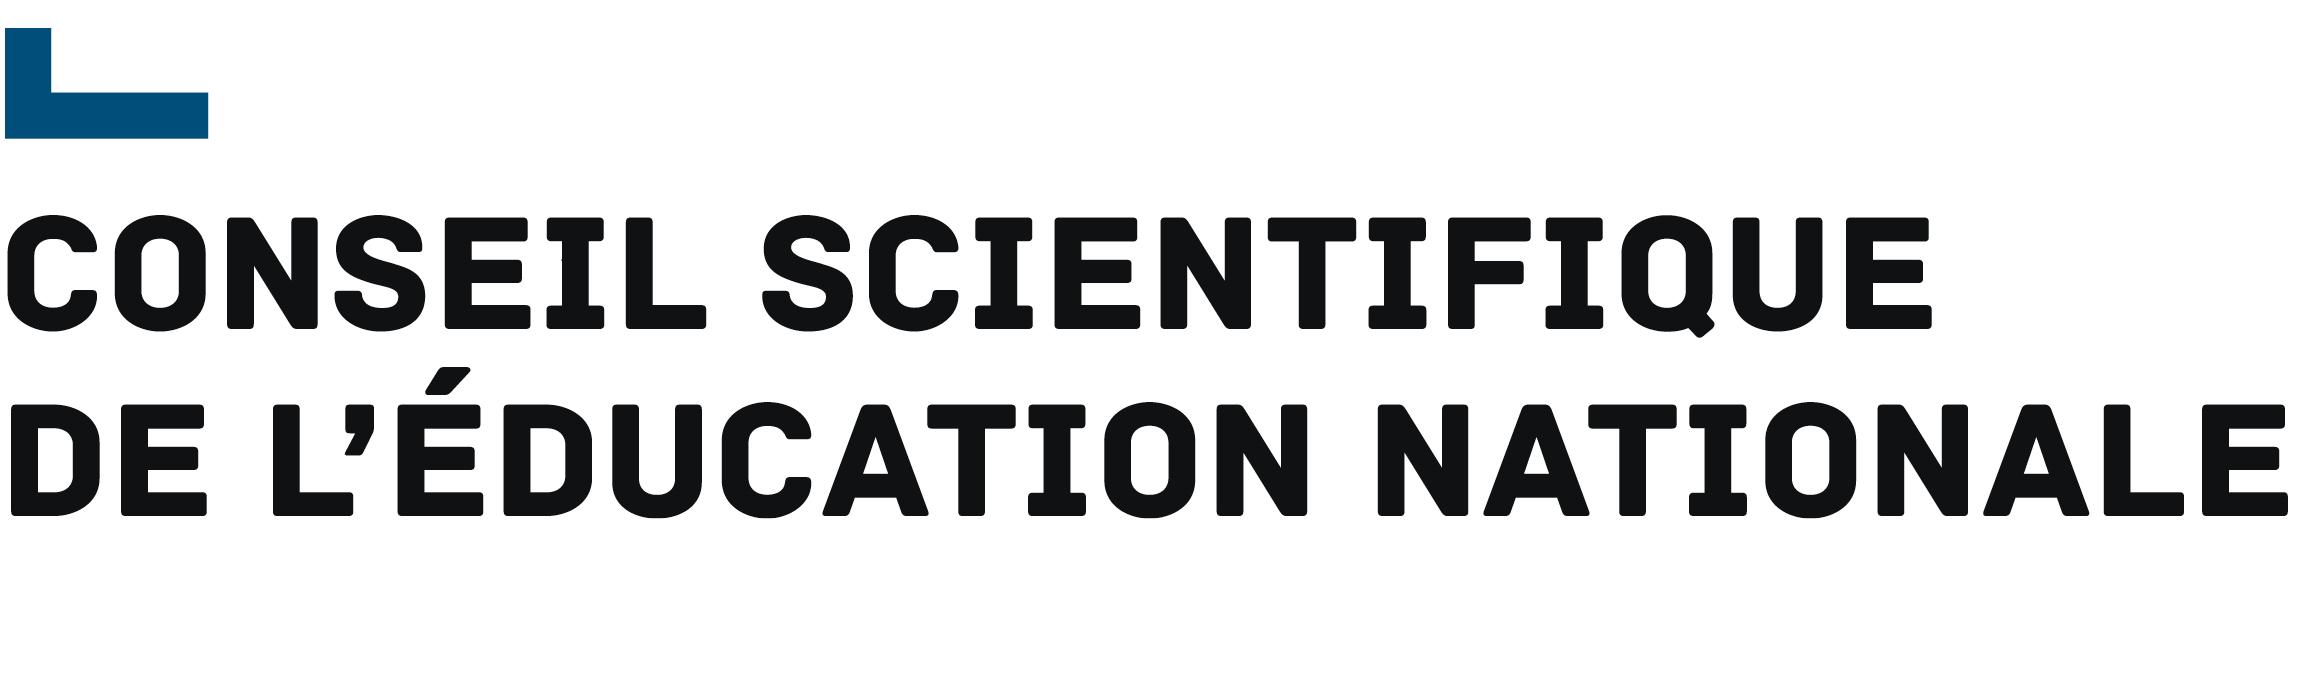 Conseil scientifique de l'Education nationale